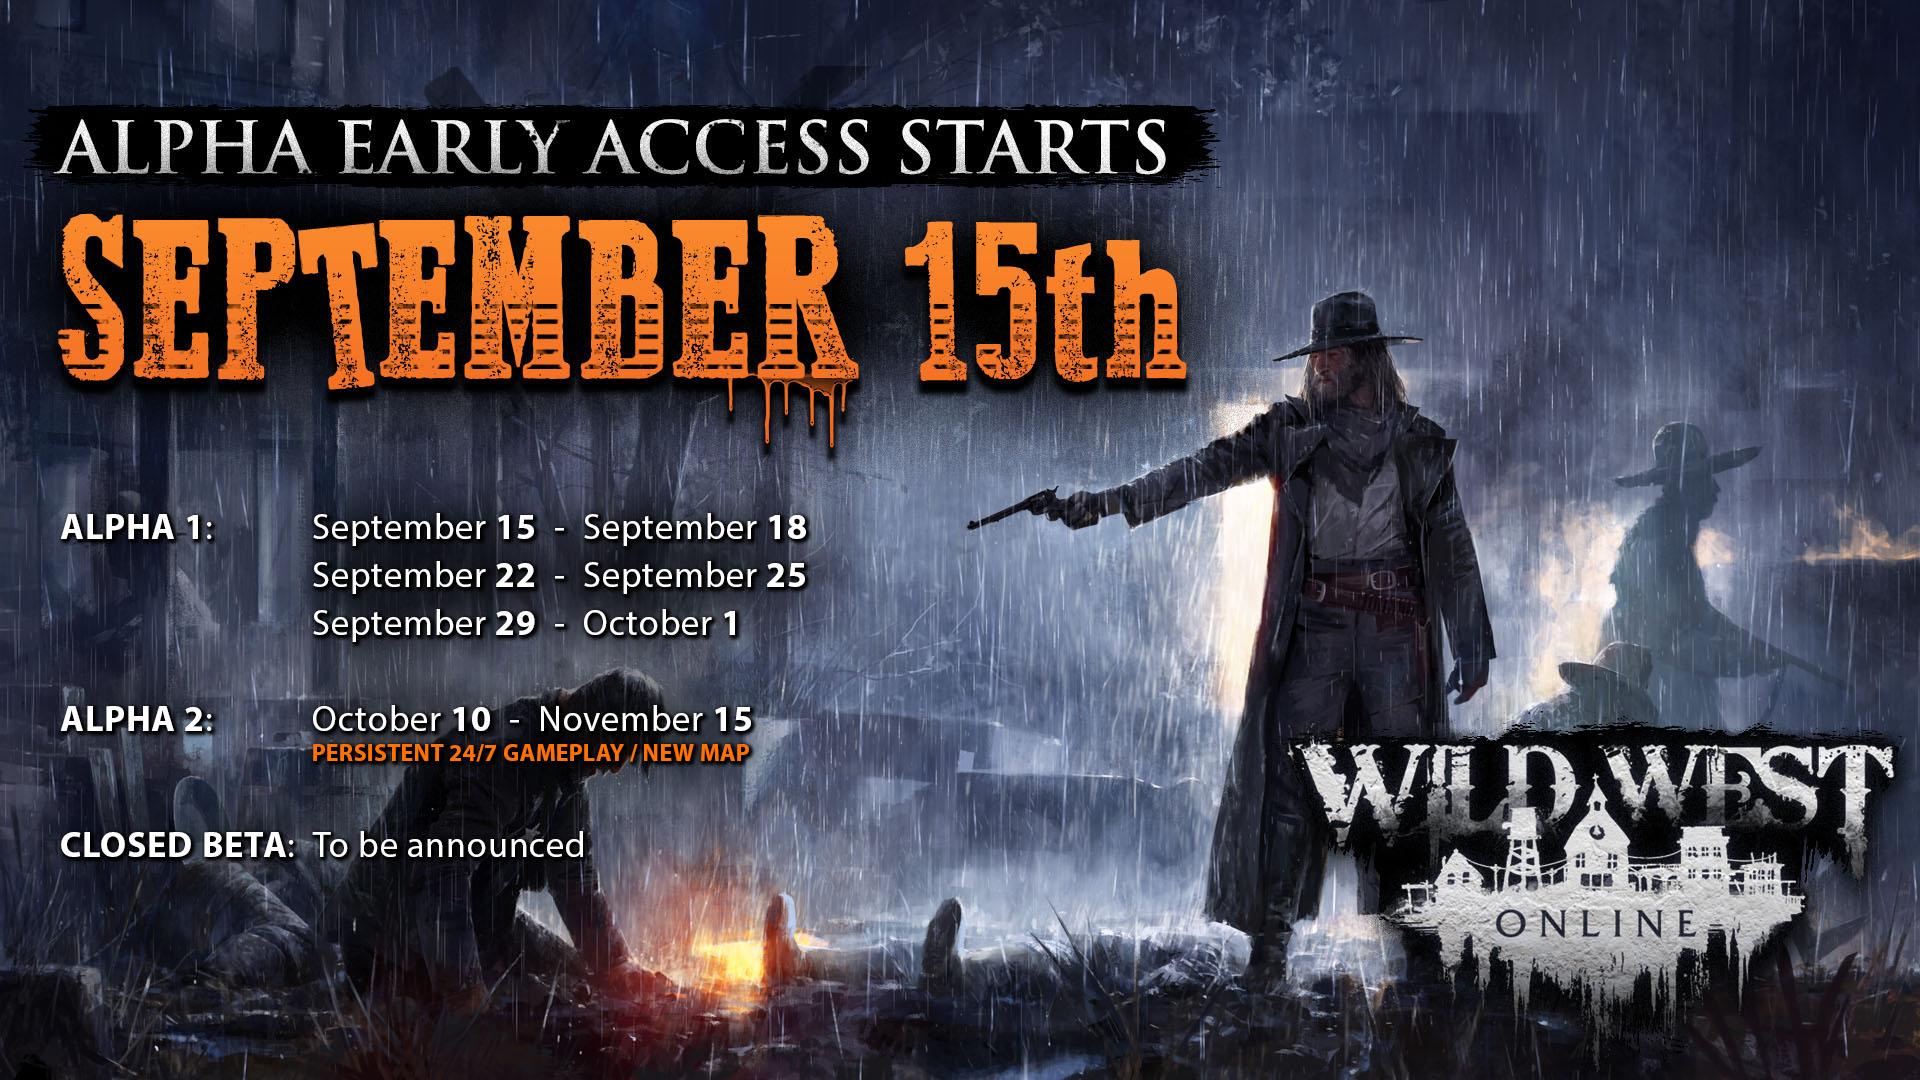 MMO Wild West Online SCAM - aneb další podvodná hra Sergeye Titova ? Update. 13529